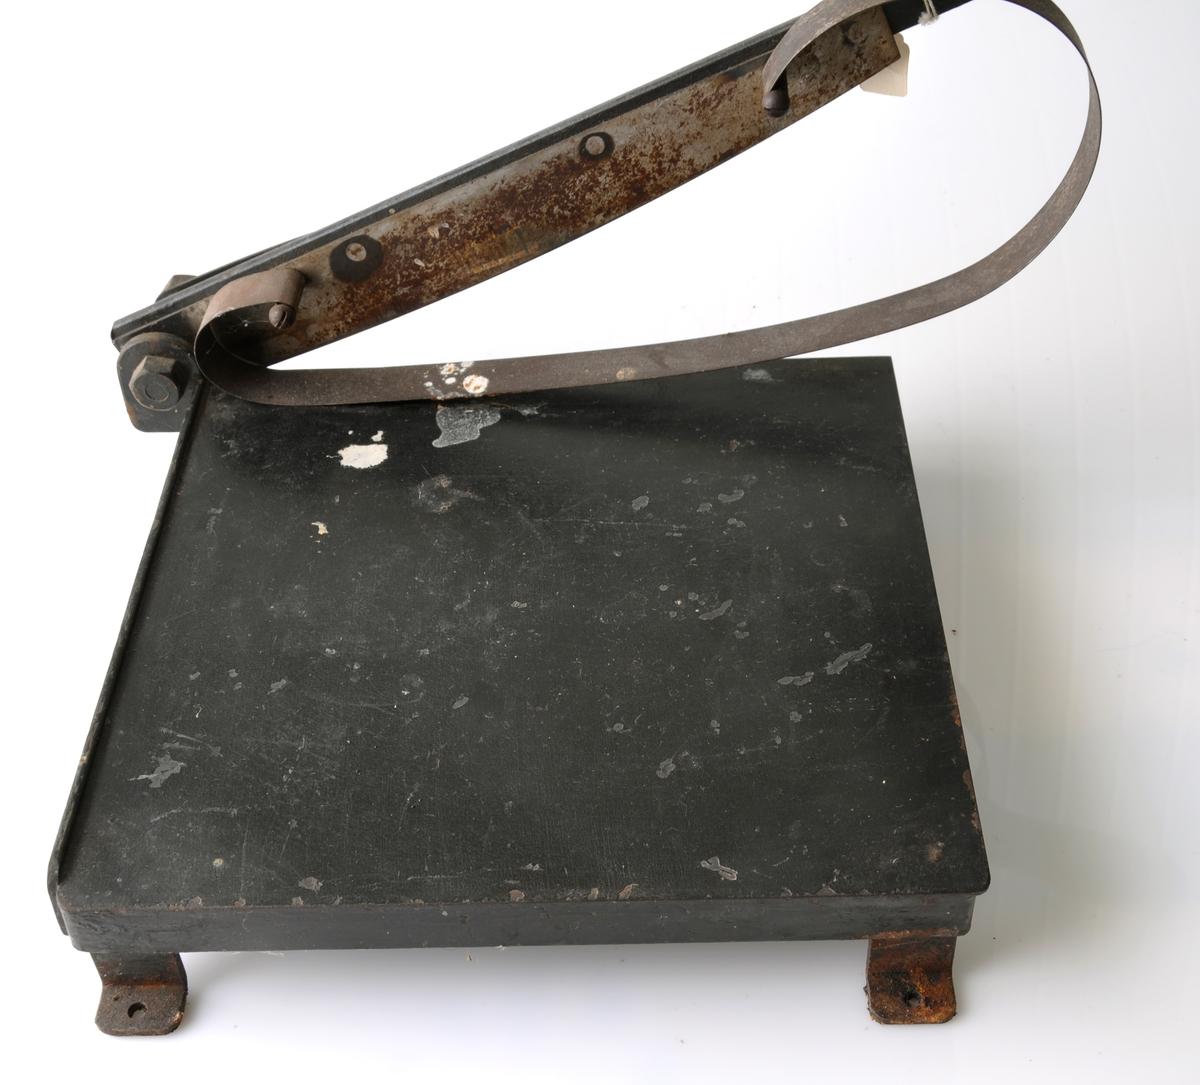 Form: Enkel papirskjærer av jern og blikk, håndtak av tre, blåd av stål.